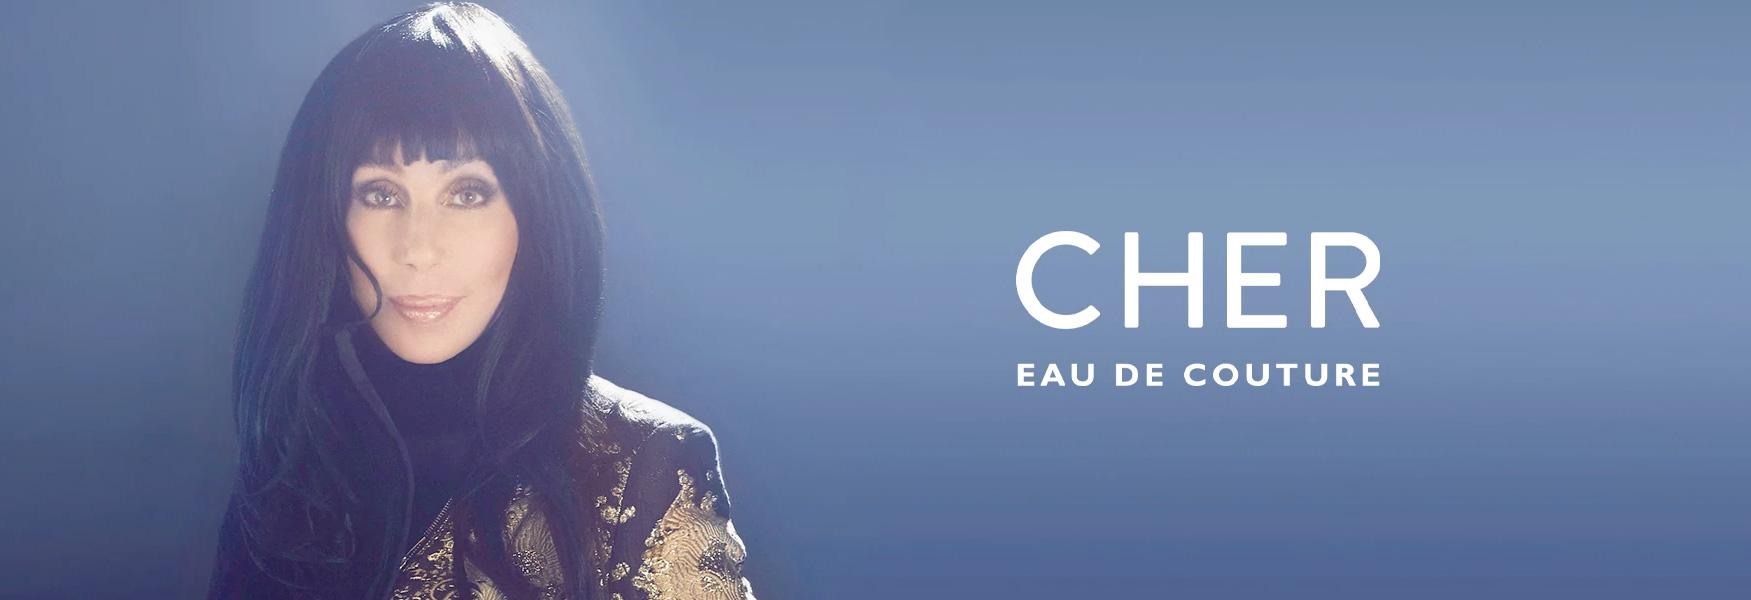 Fotos De Cher cher eau de couture in stores! ~ fragrance reviews